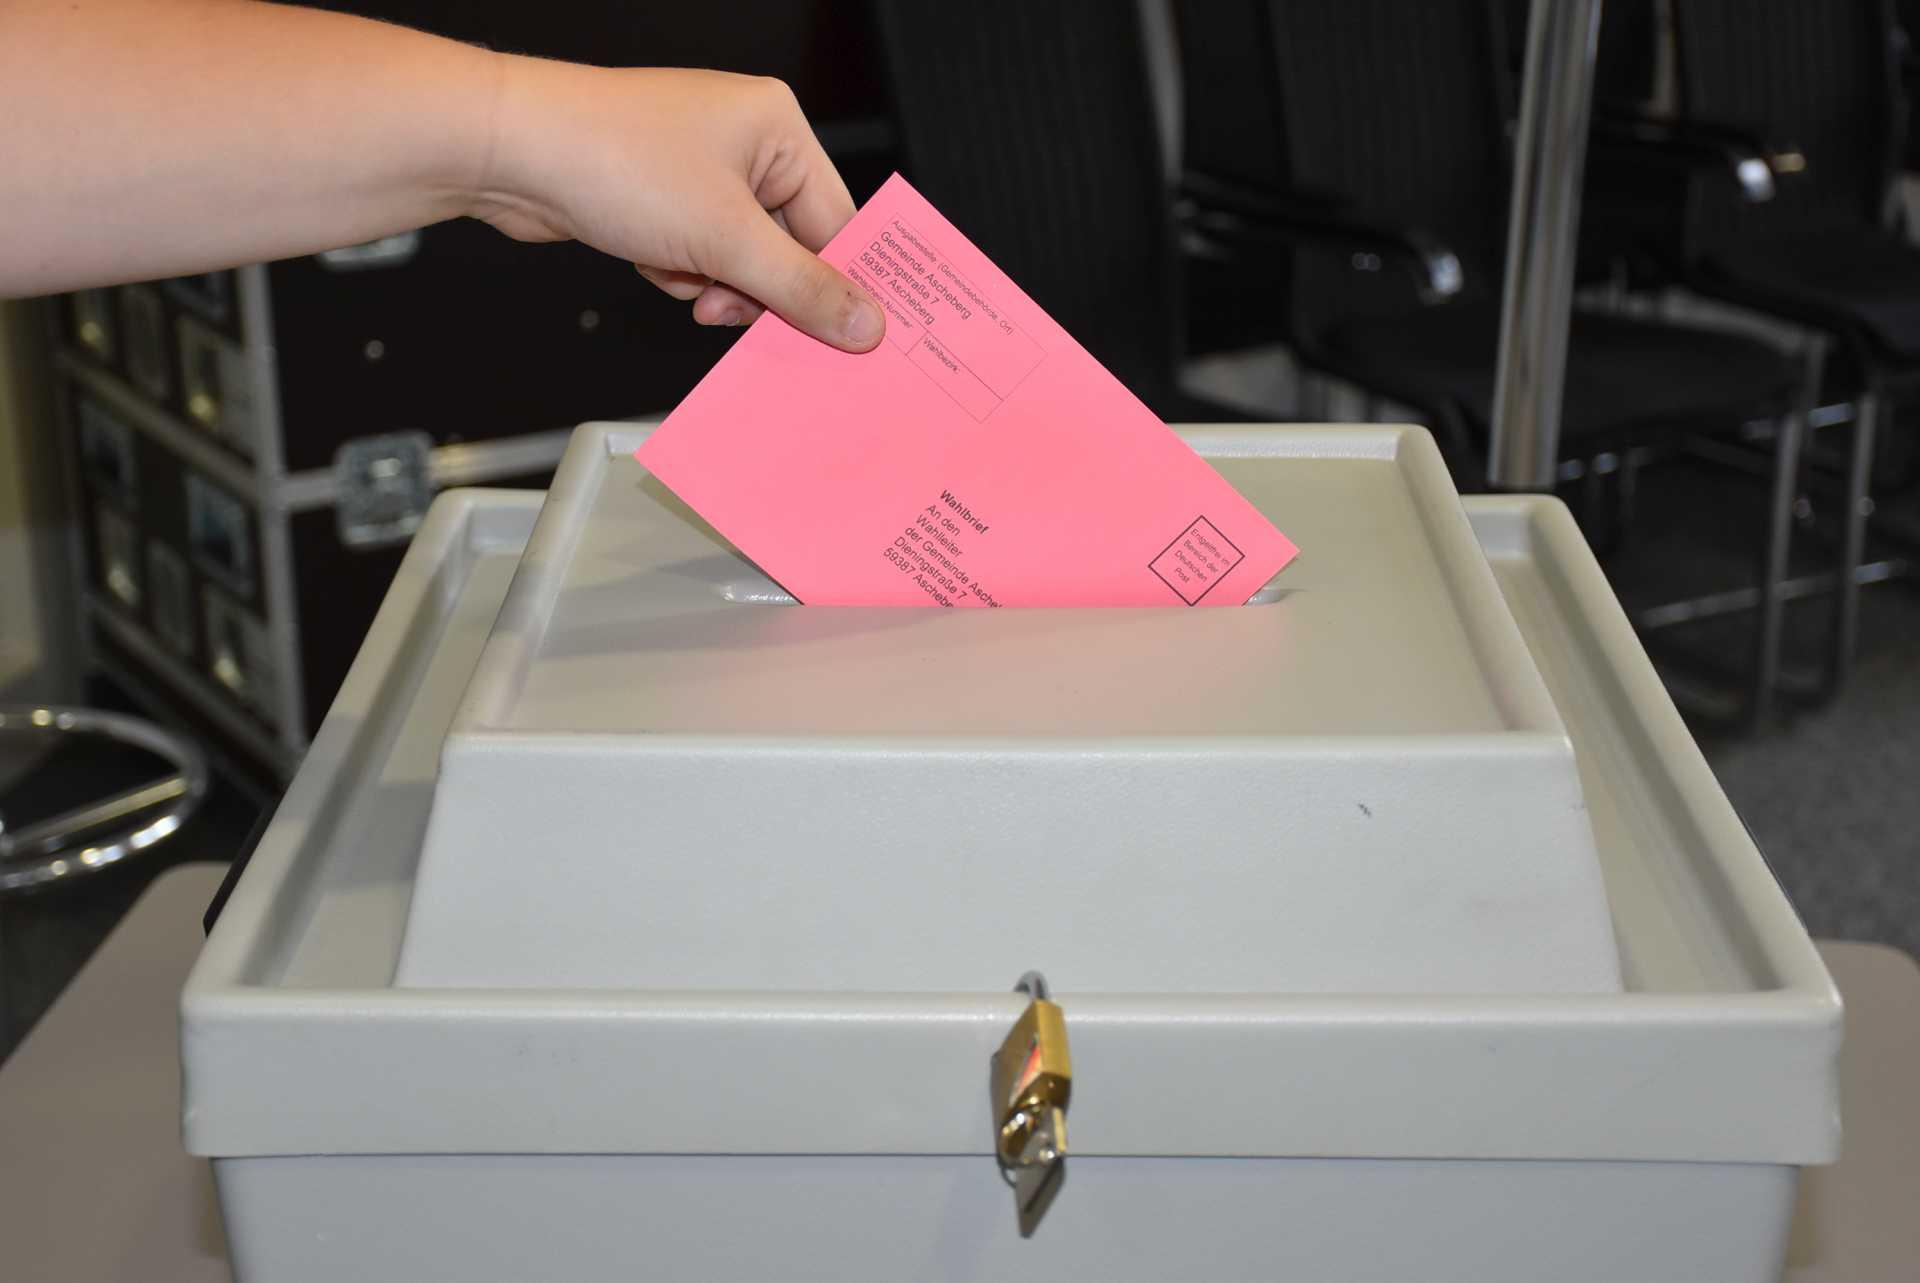 Briefwahlumschlag wird in Wahlurne geworfen